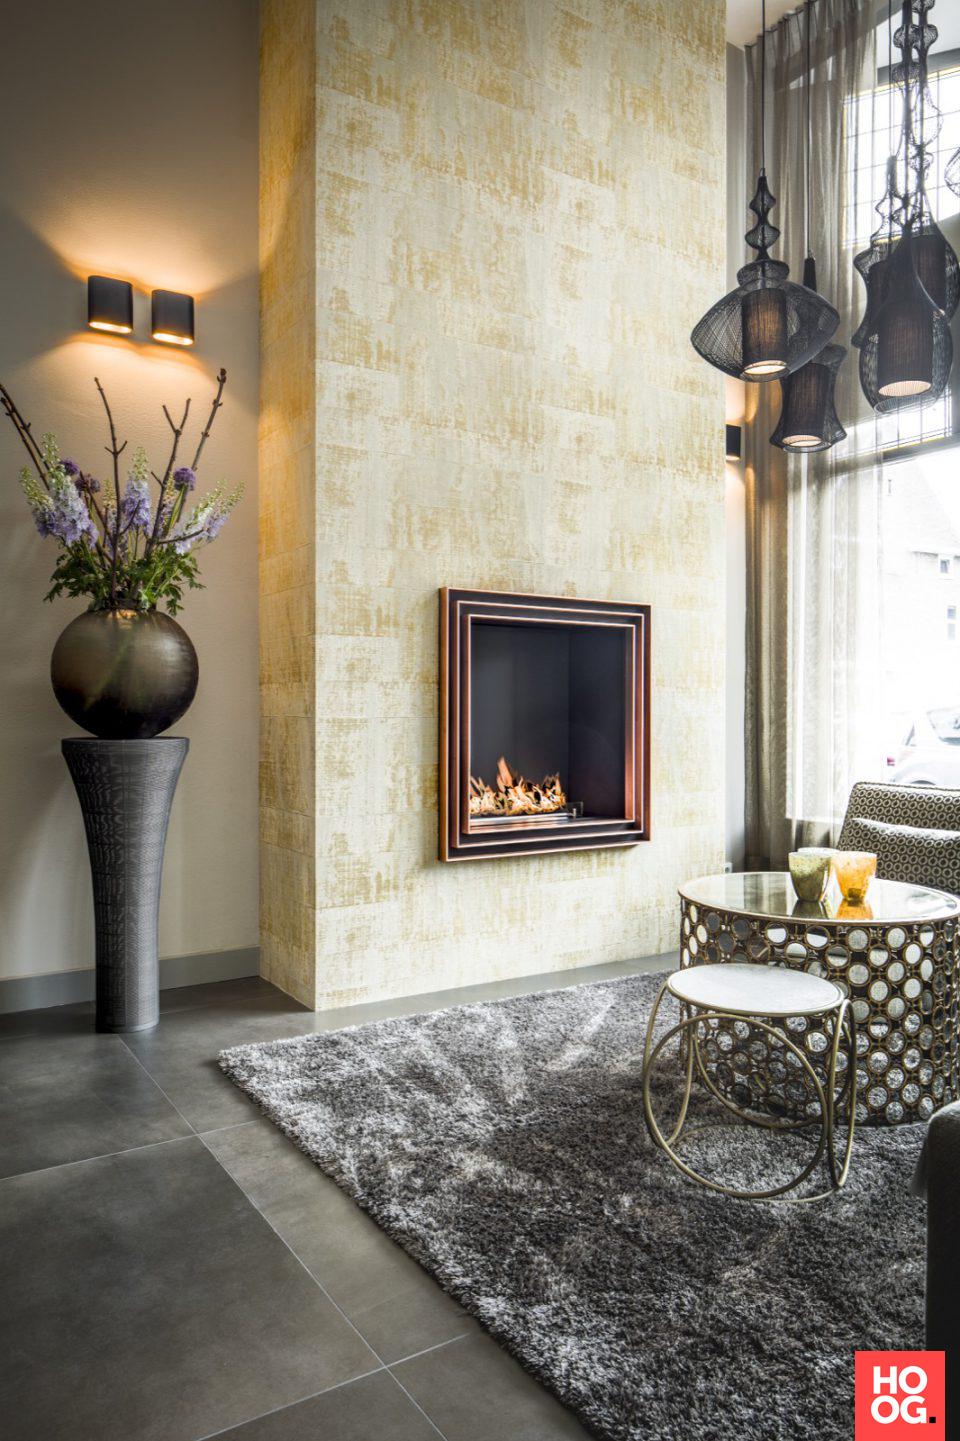 Woonkamer luxe met open haard | interieur ideeen | woonkamer ...